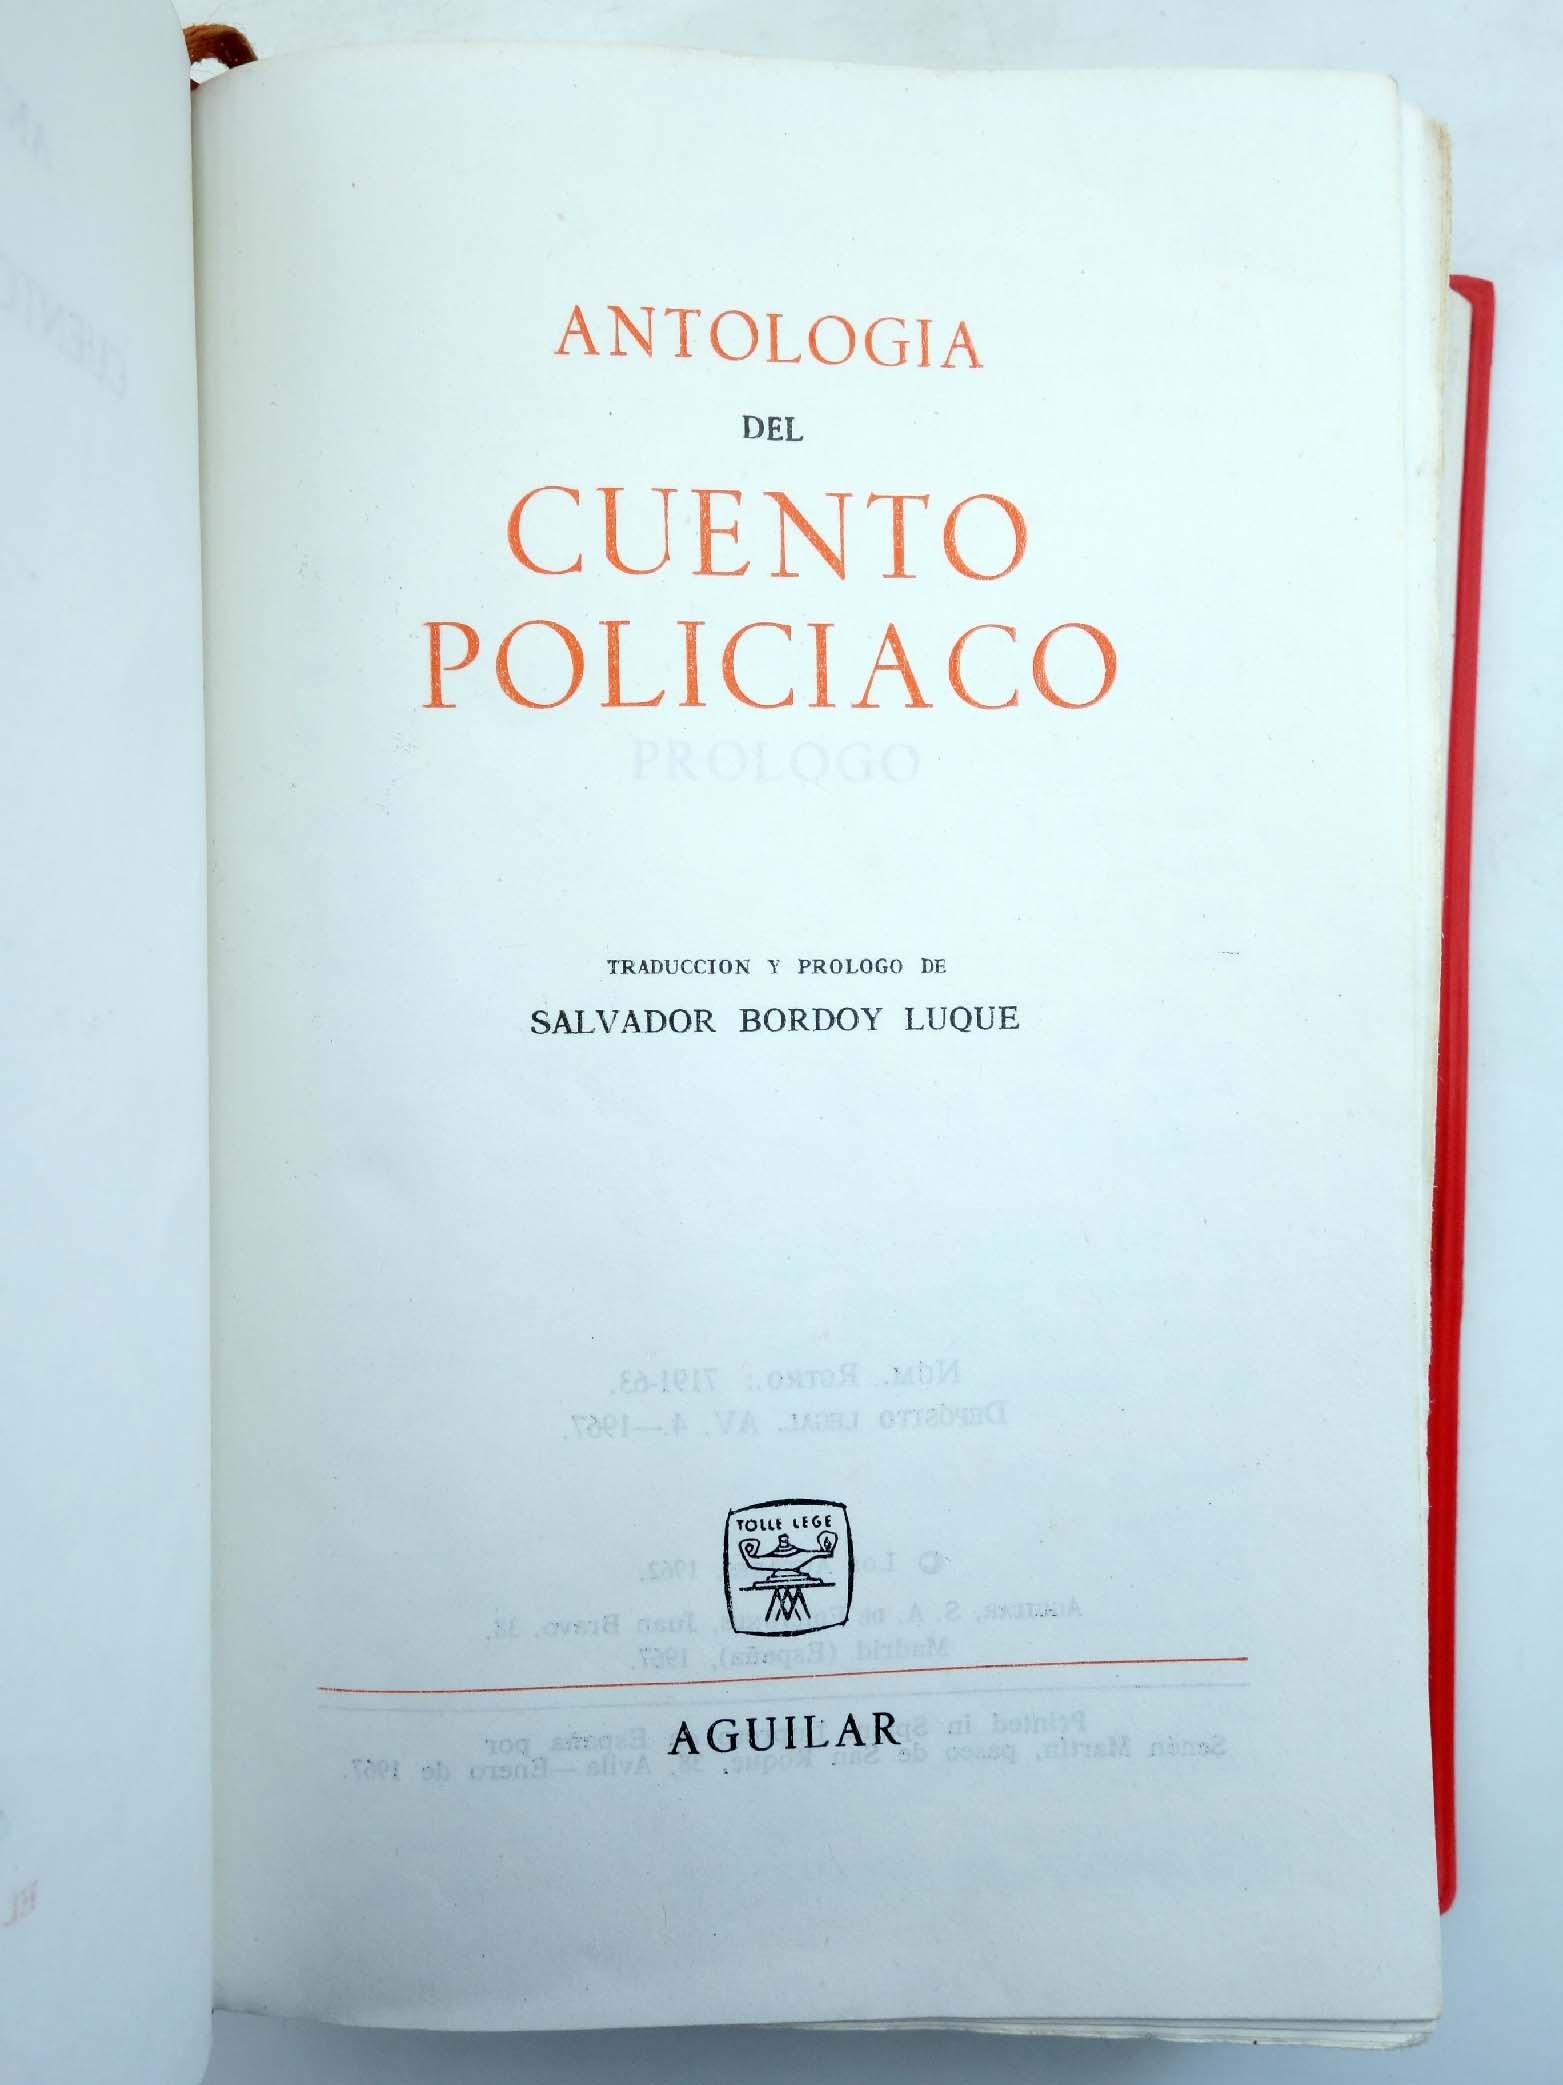 ANTOLOGÍA DEL CUENTO POLICIACO